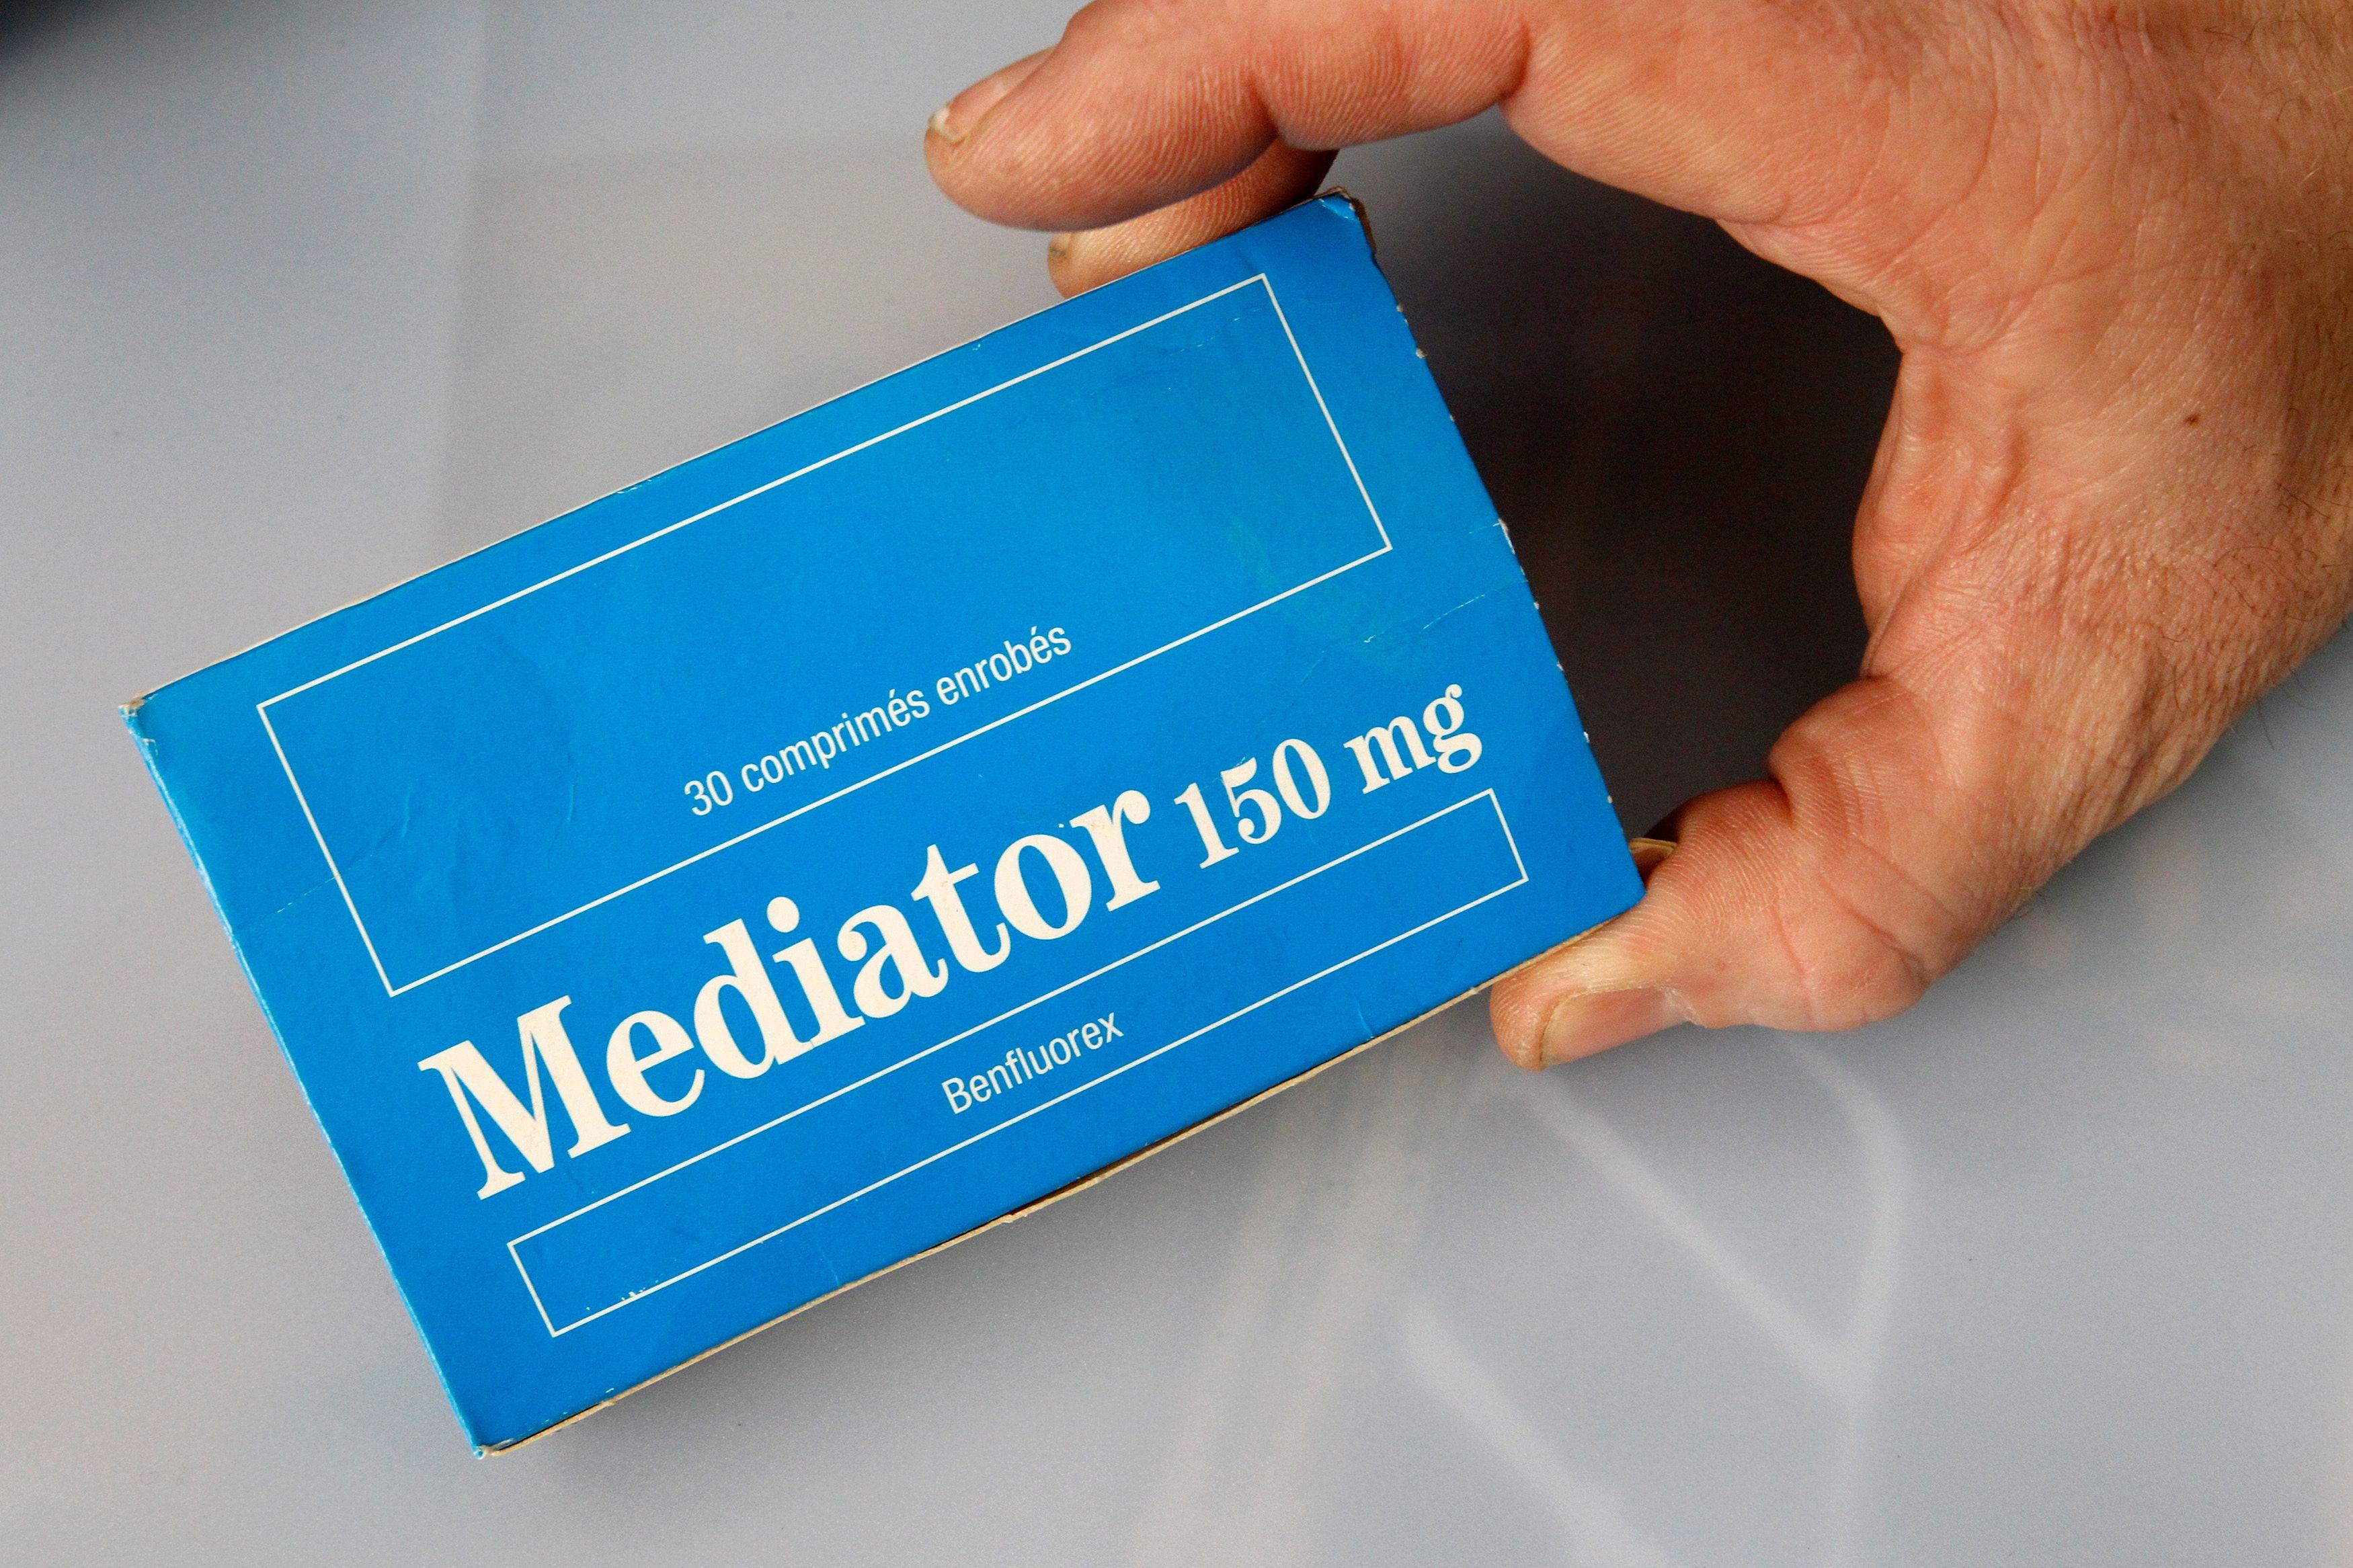 Le Mediator pourrait avoir tué entre 1 000 et 2 000 personnes en France